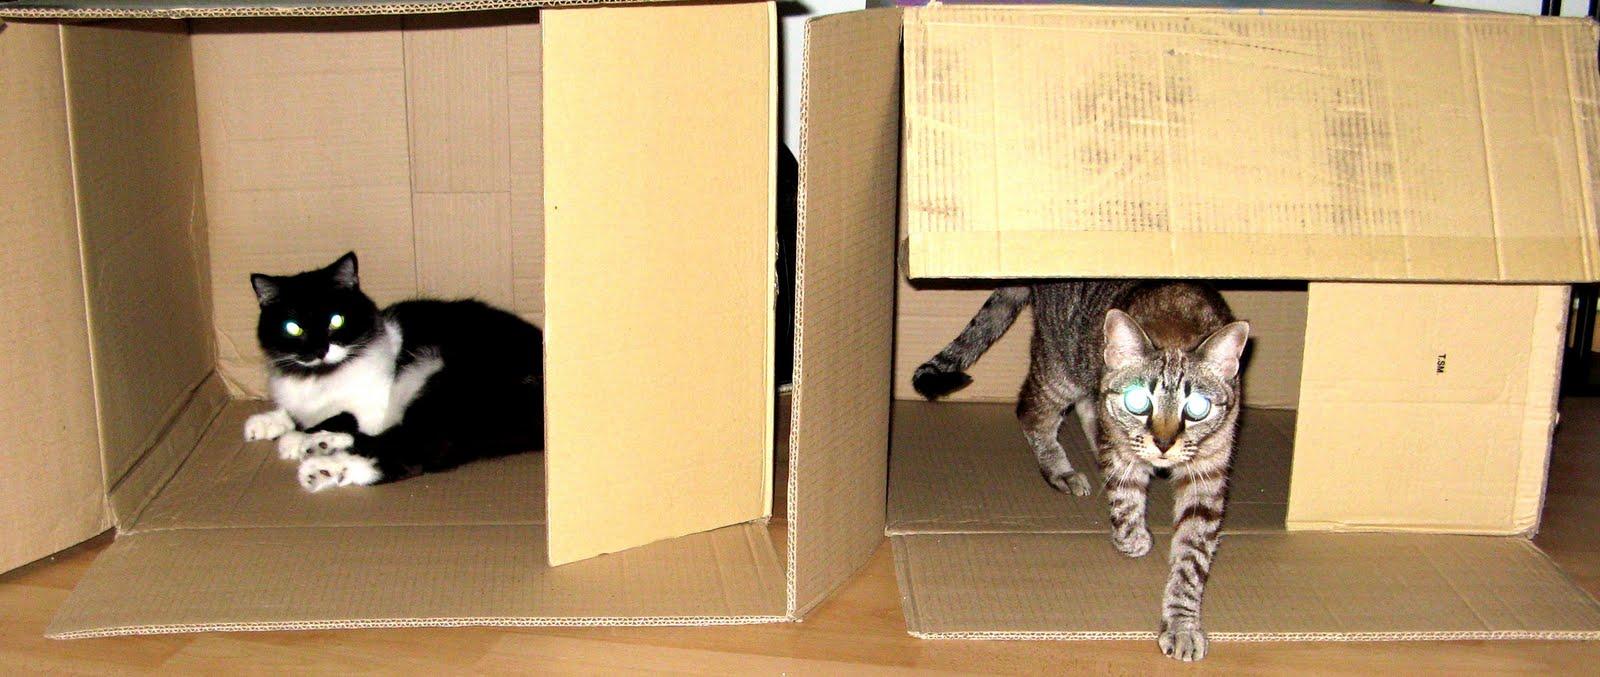 Как сделать домик для кота своими руками: 13 идей и мастер классов 52